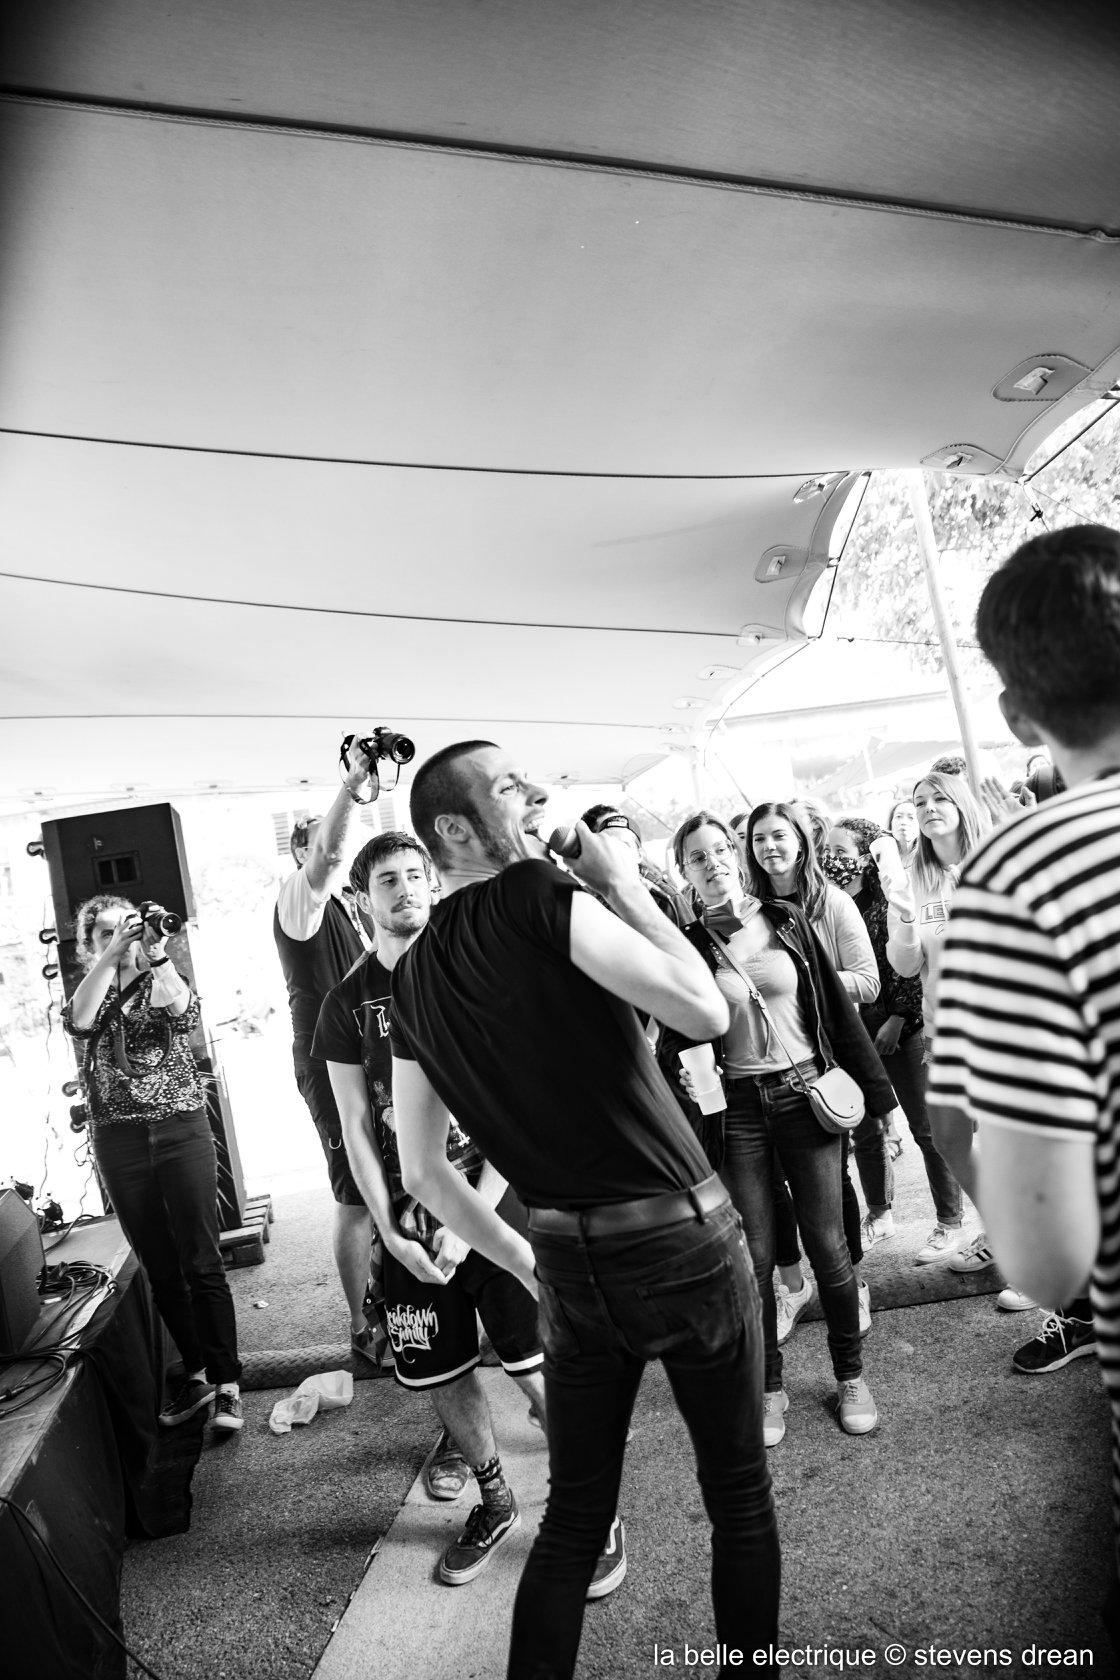 arabella - concerts grenoble - ginguette electrique grenoble - scene locale rock grenoble